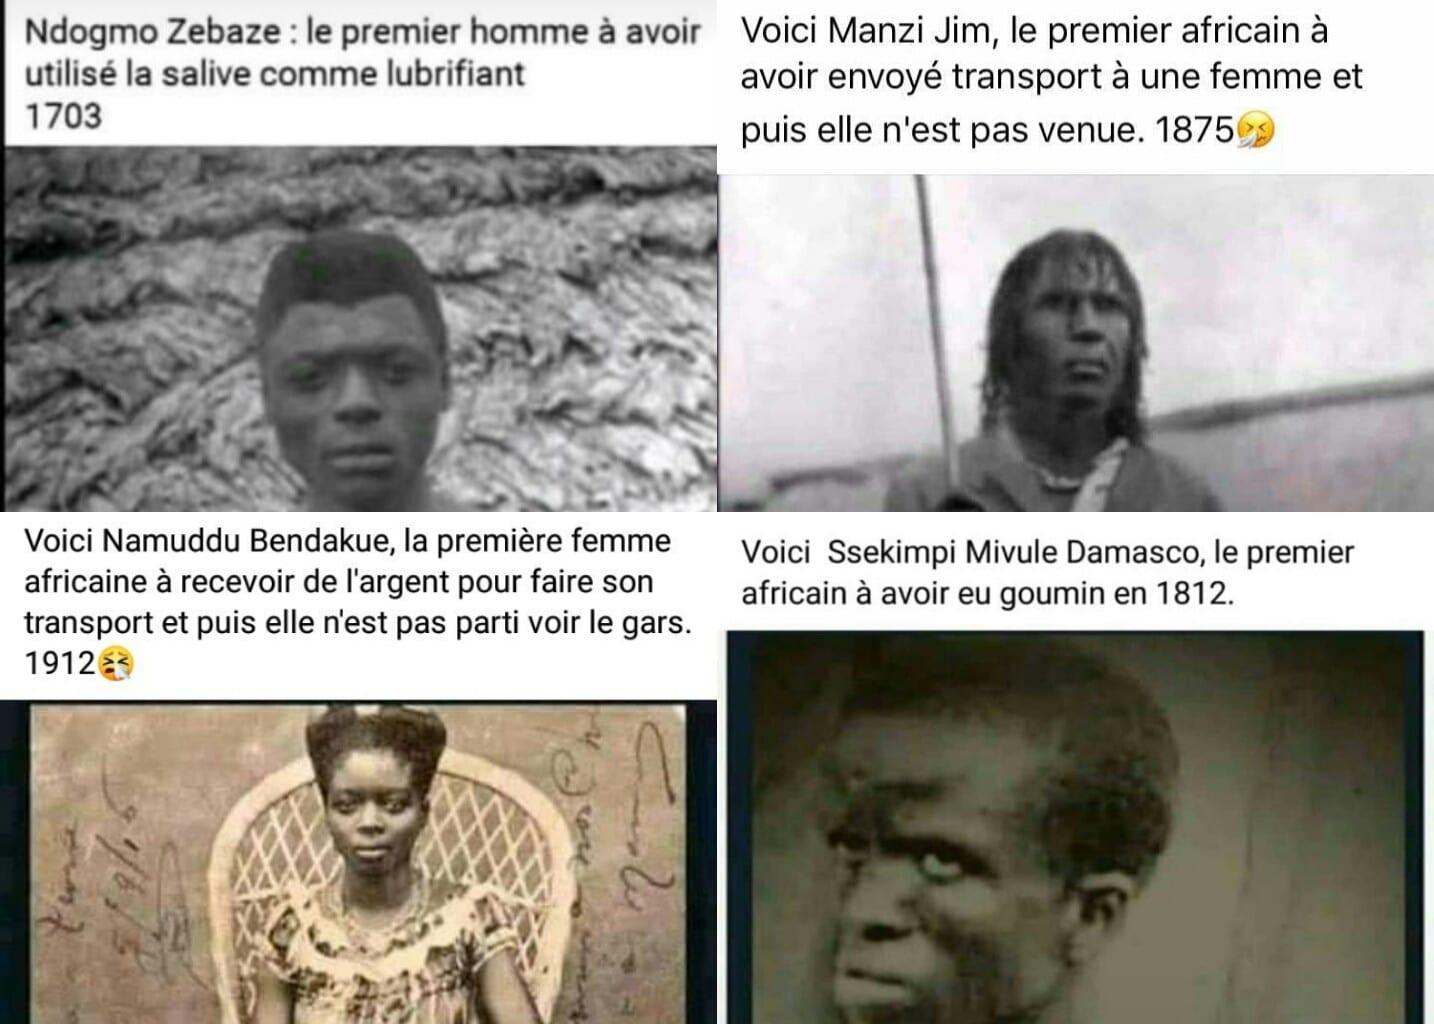 Afrique : les photos des ancêtres font objet de moquerie sur les réseaux sociaux